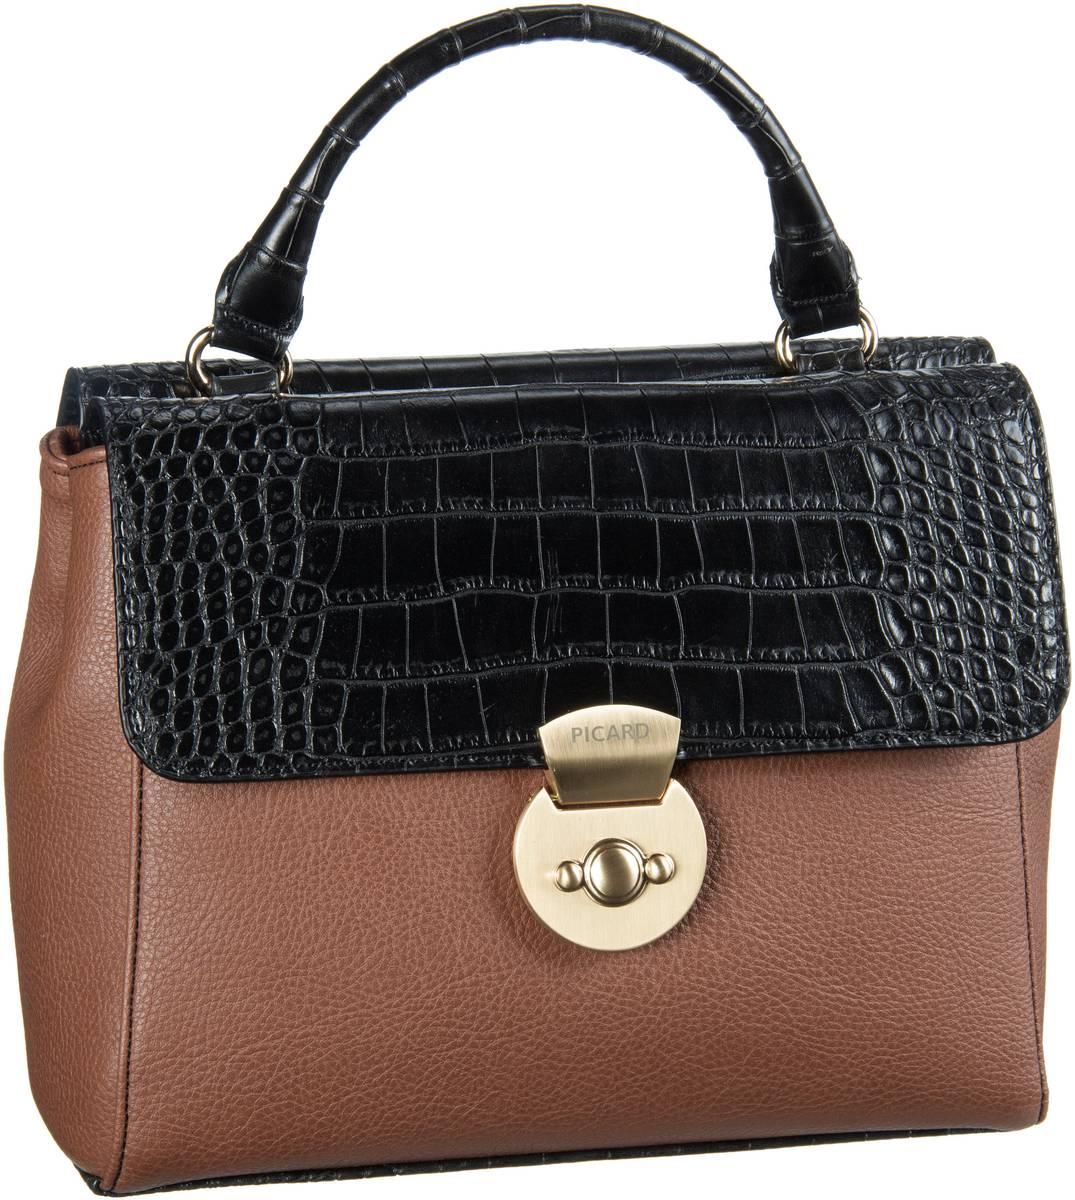 Picard Geli 2193 Handtasche Cognac/Kombi - Sale Angebote Haasow